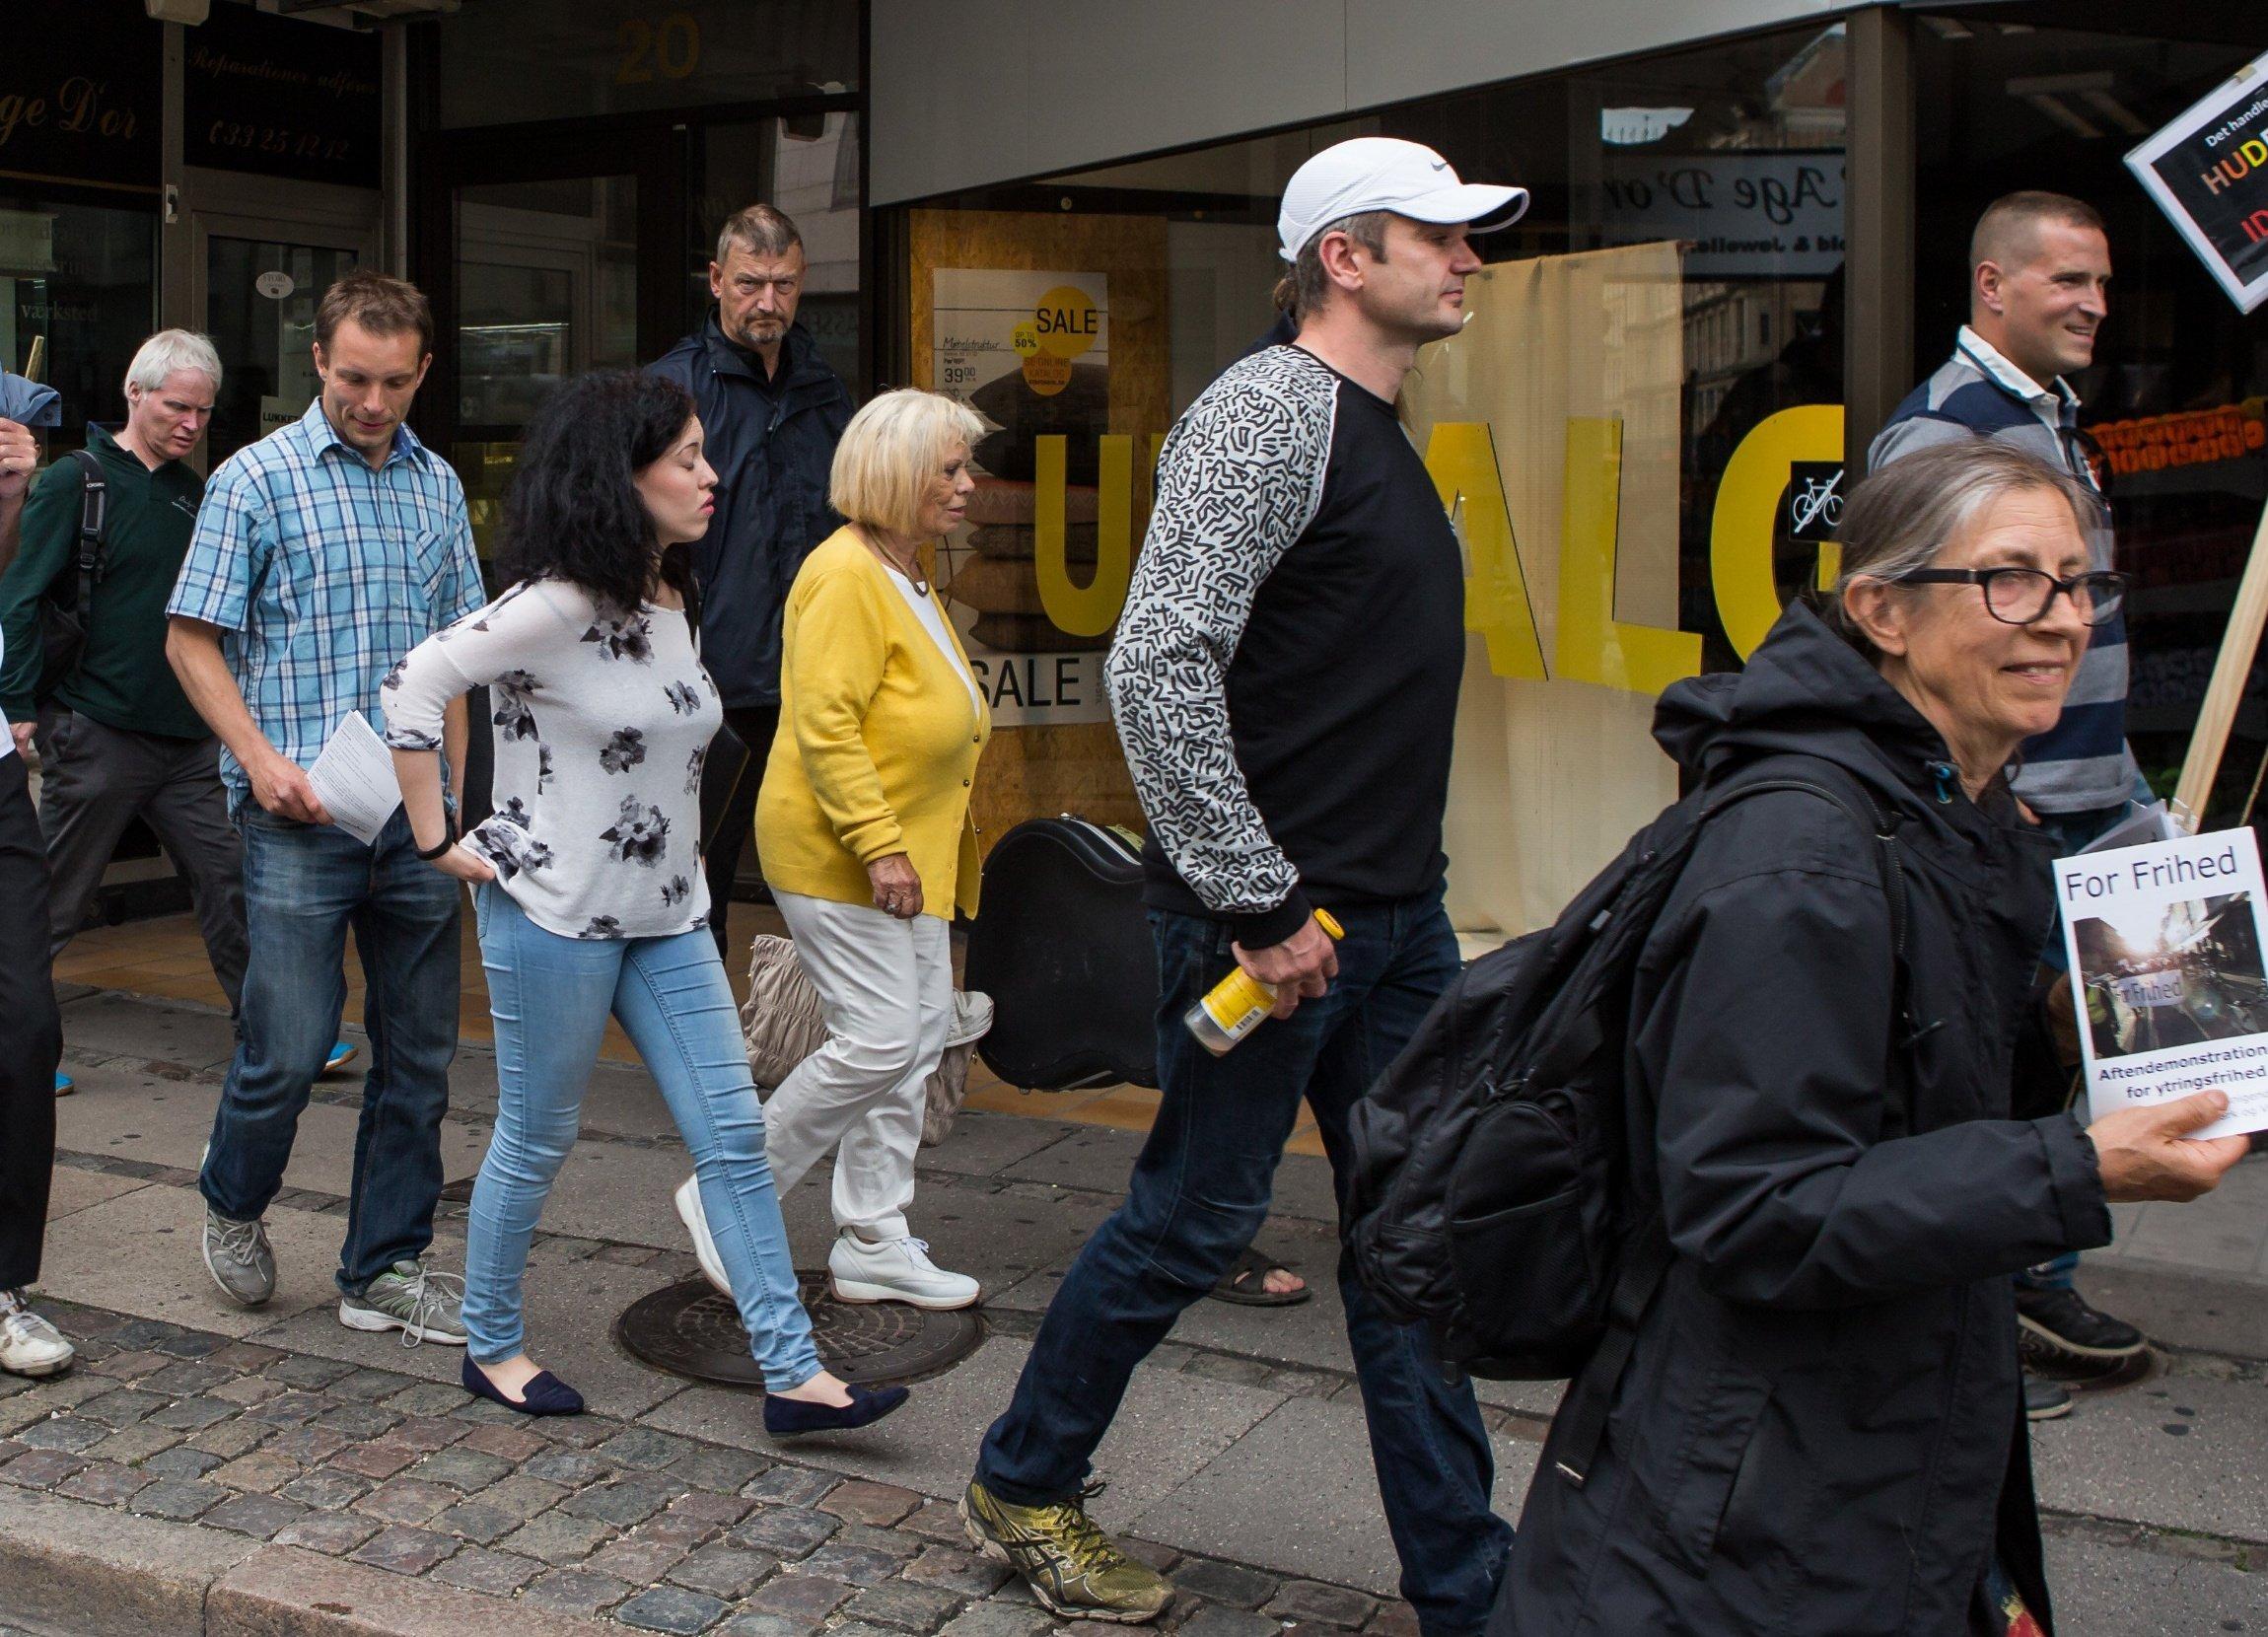 Carsten Thrane (bagerst) under For Frihed-demonstration i 2015. På billedet ses to daværende medlemmer af Danskernes Parti, Jakob Rolandsen (i hvid kasket) og Nicolai Boesen (stribet trøje længst til højre). Foto: Redox